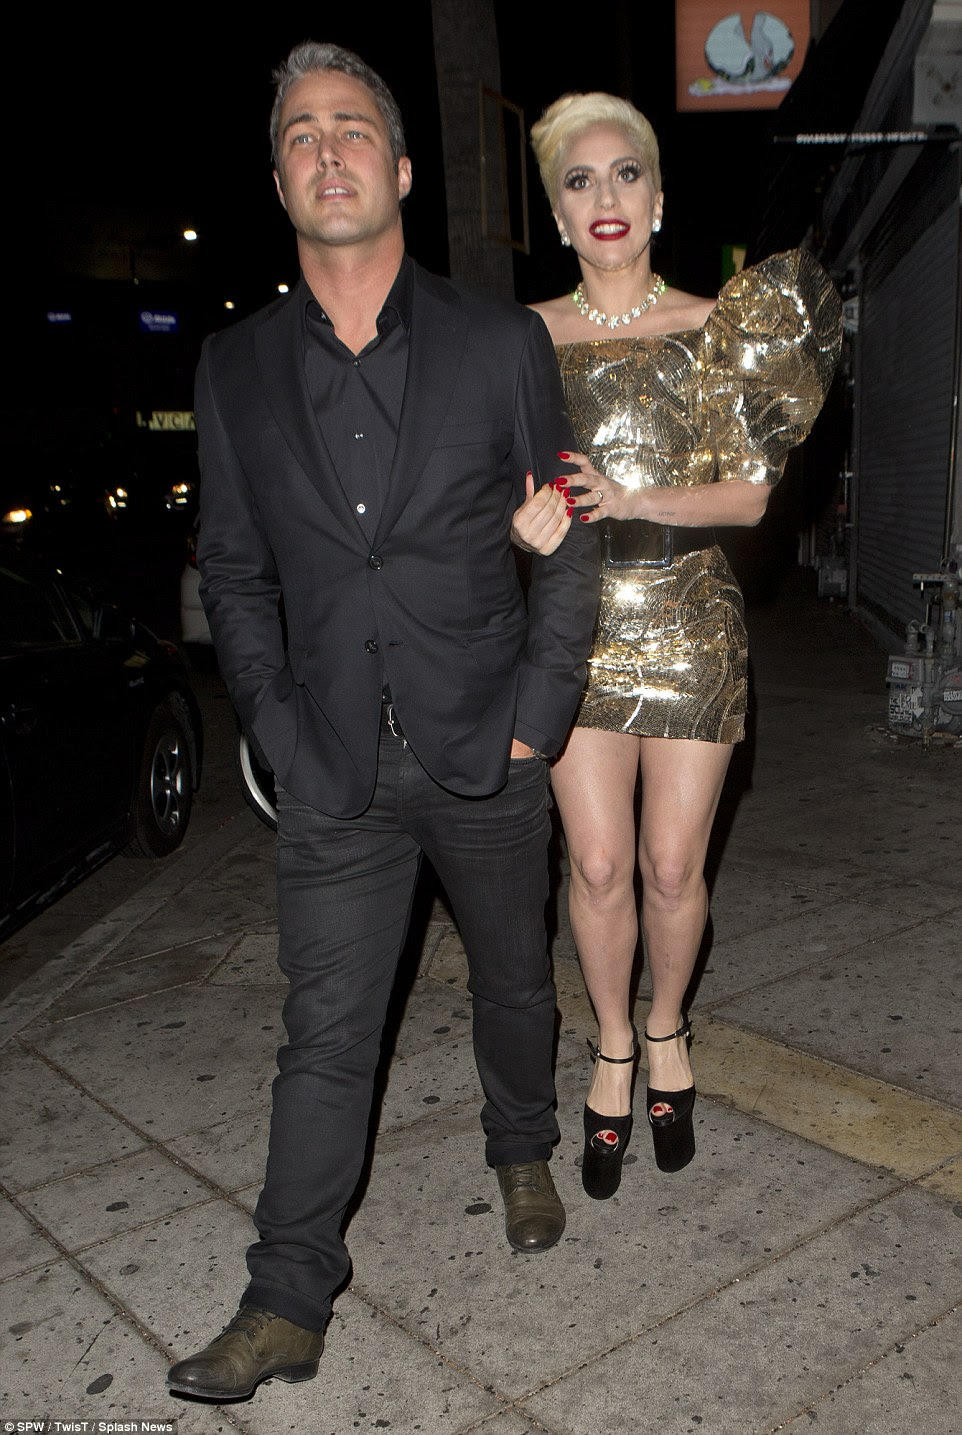 Liderando o caminho: Gaga revelou recentemente que sua mãe Cindy e parentes do sexo feminino estão organizando seu grande dia